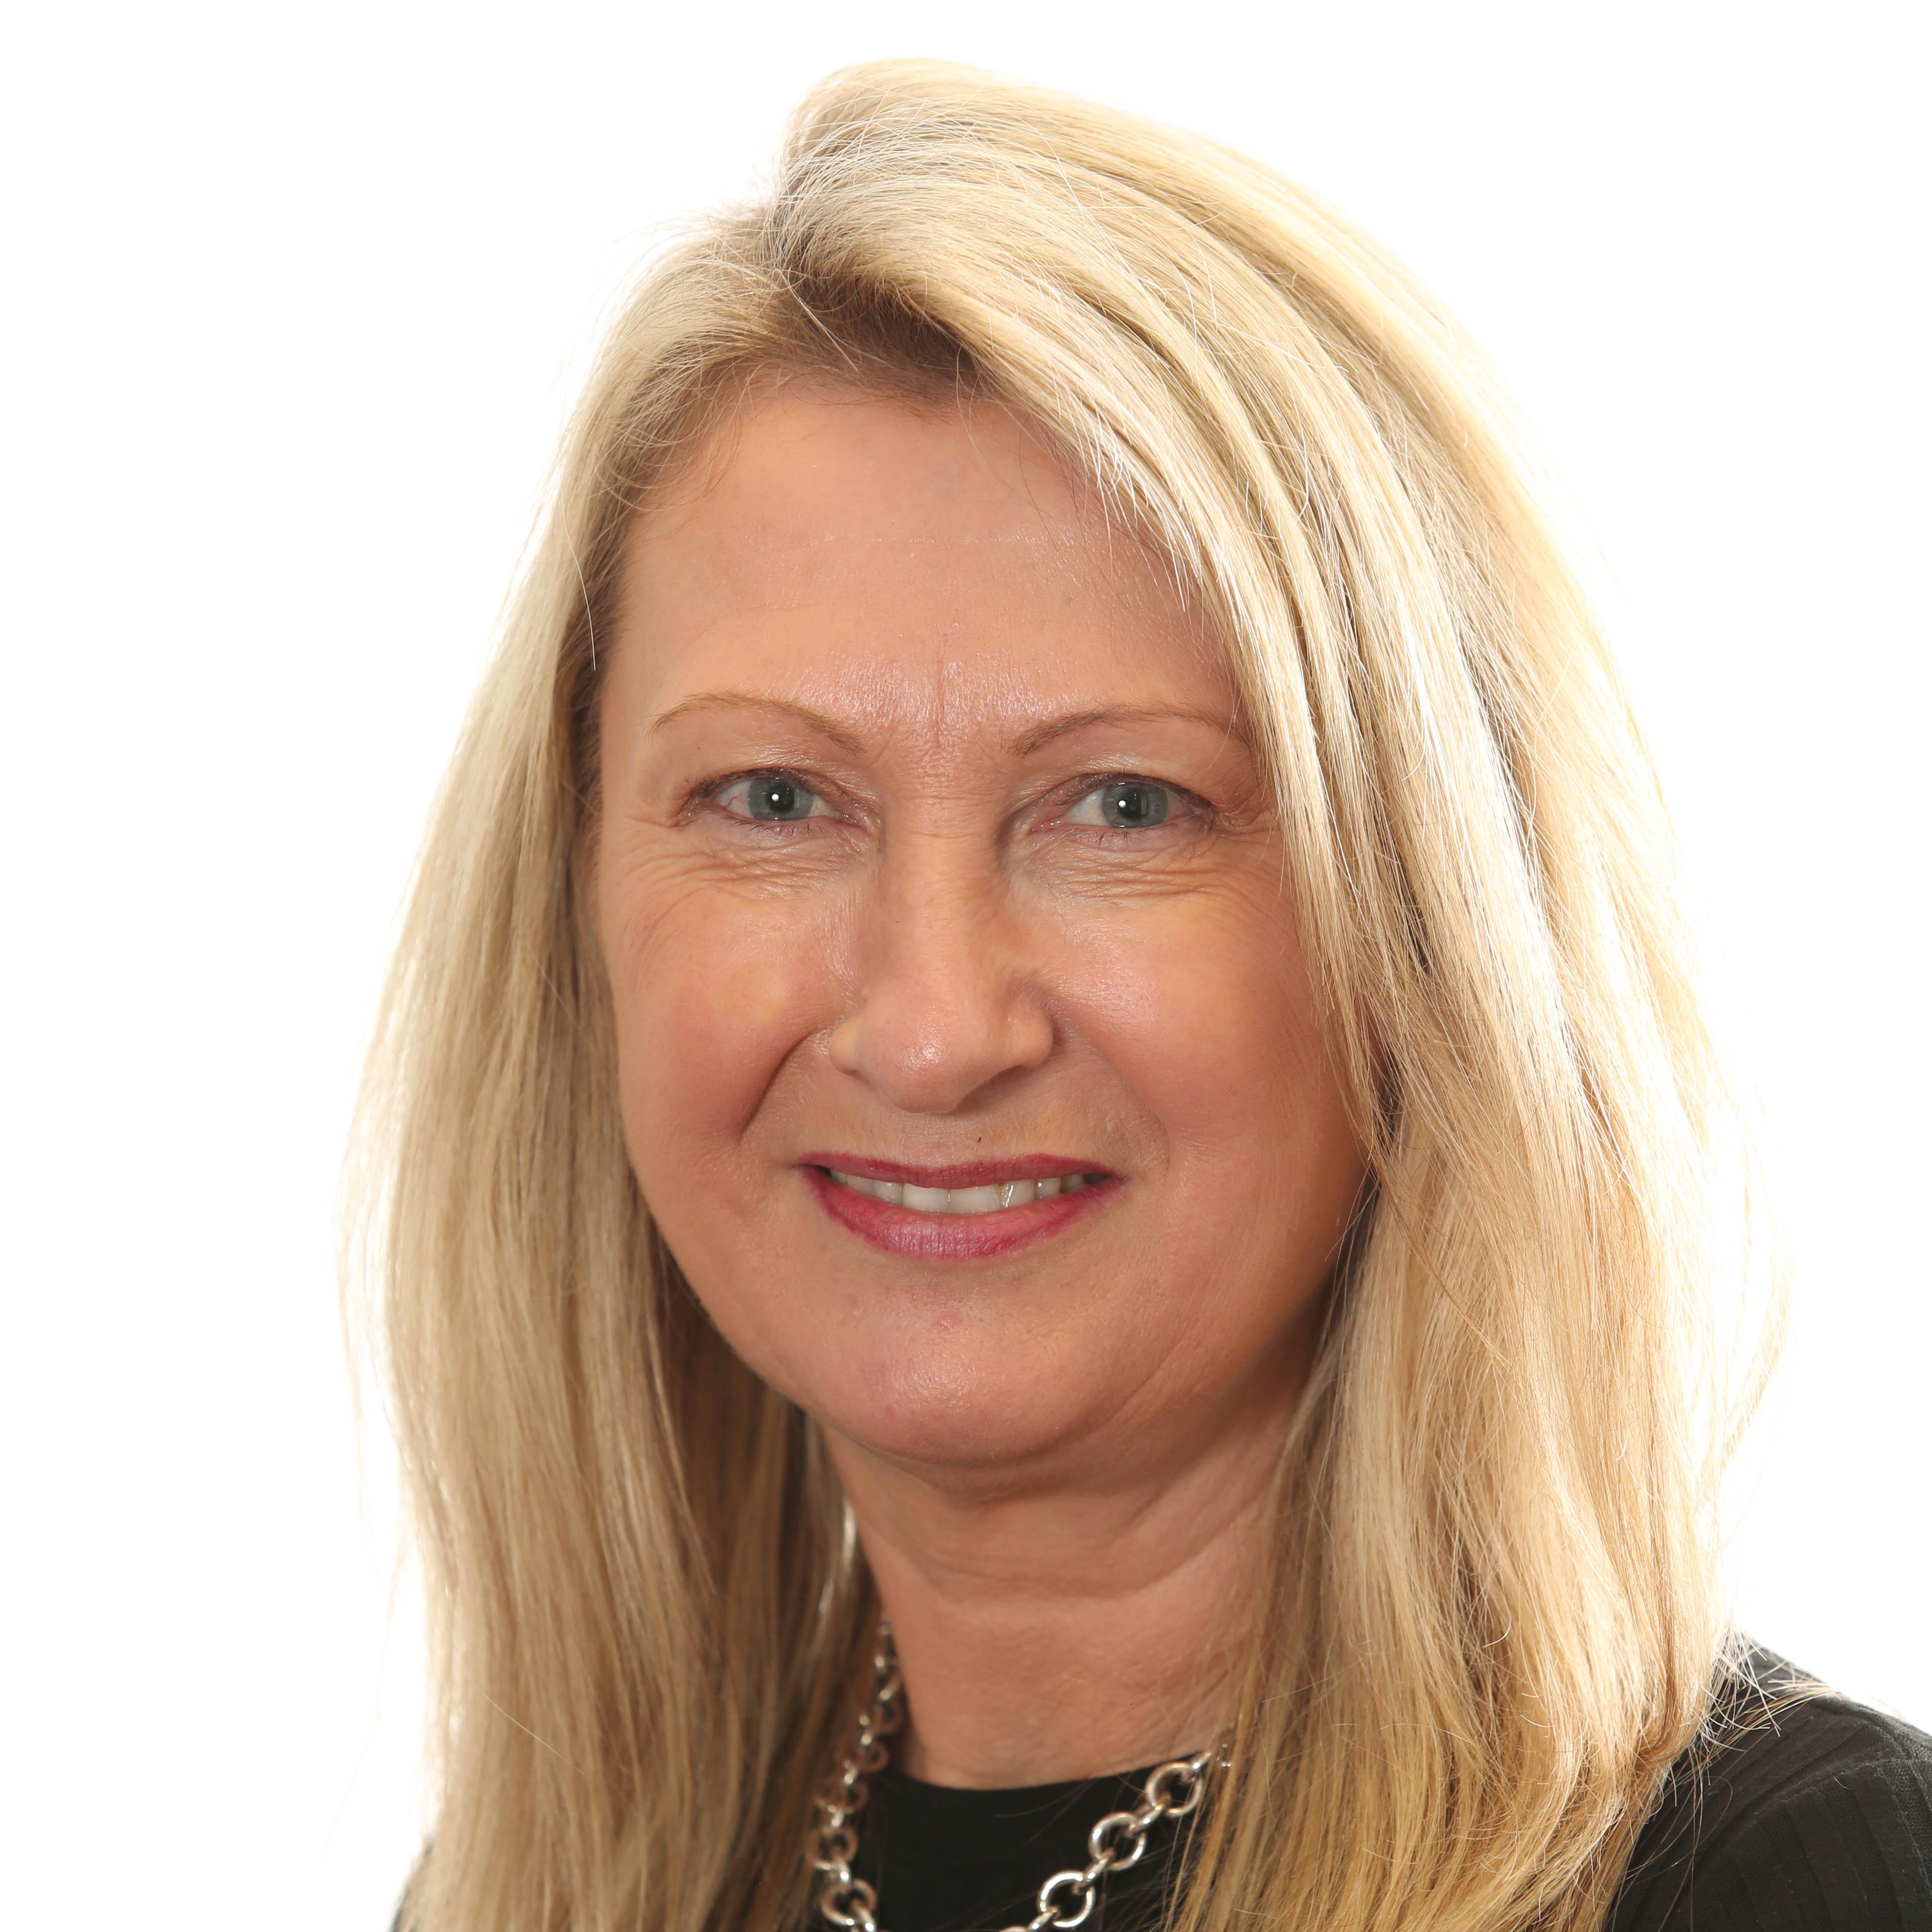 Danielle Vitacca Square